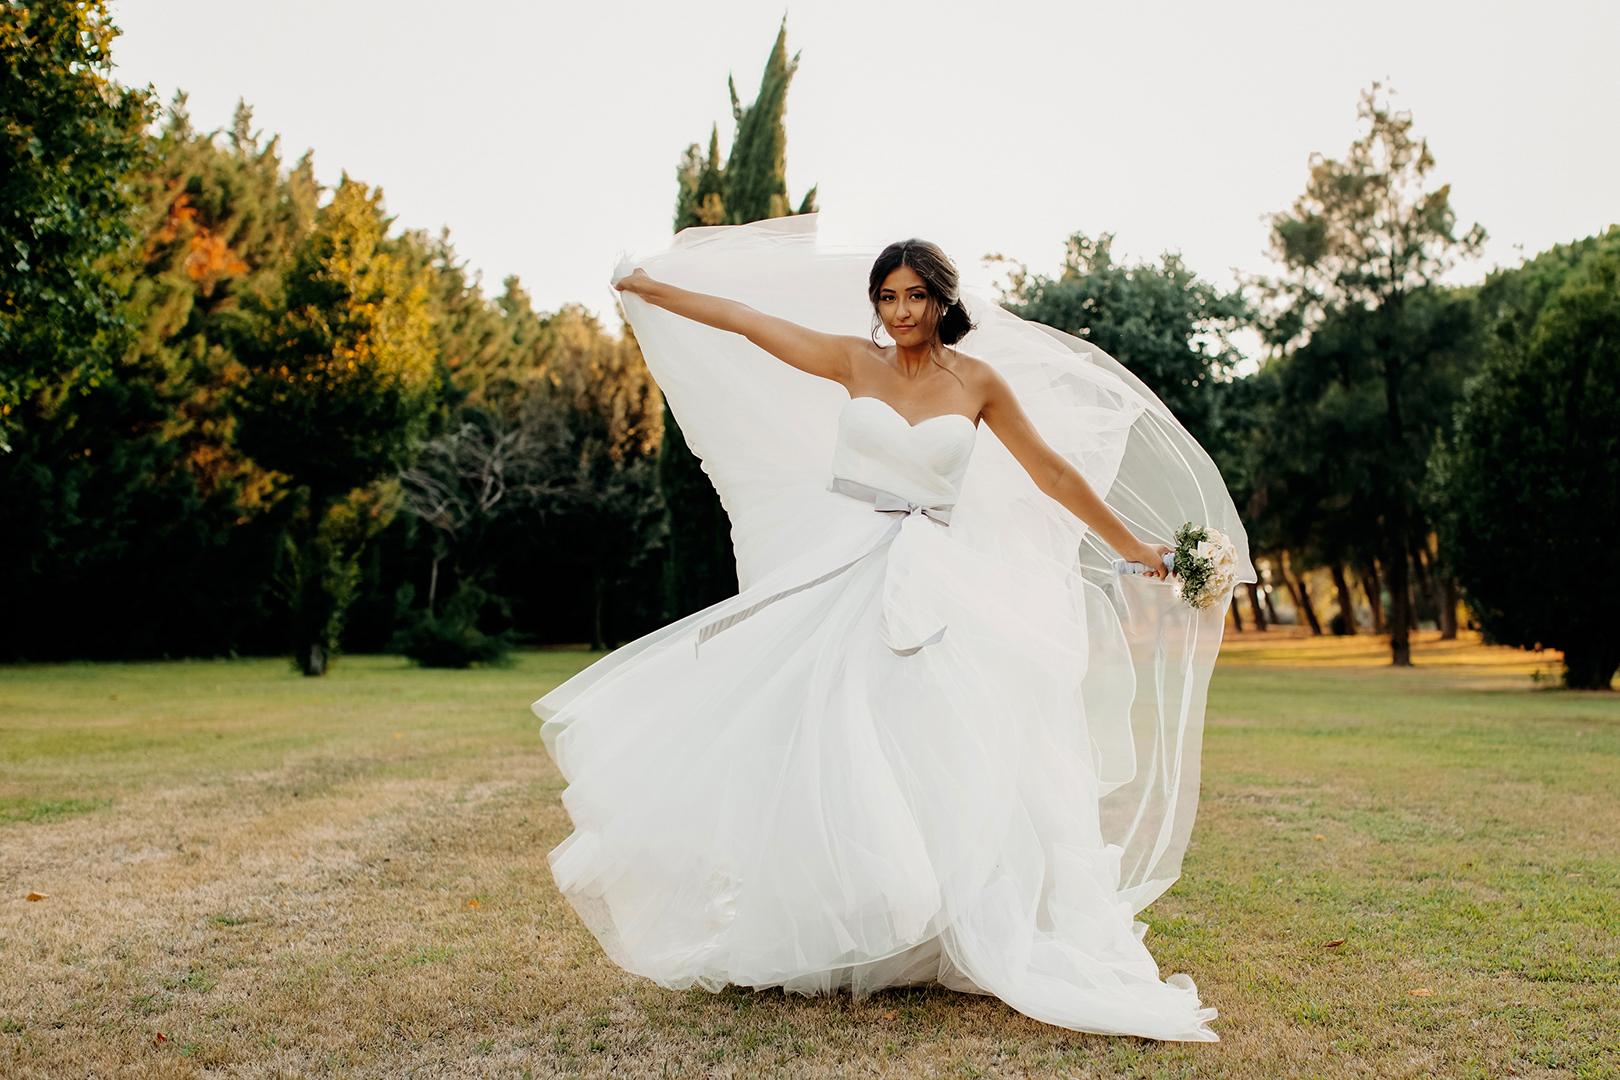 67 gianni-lepore-sposa-bride-fashion